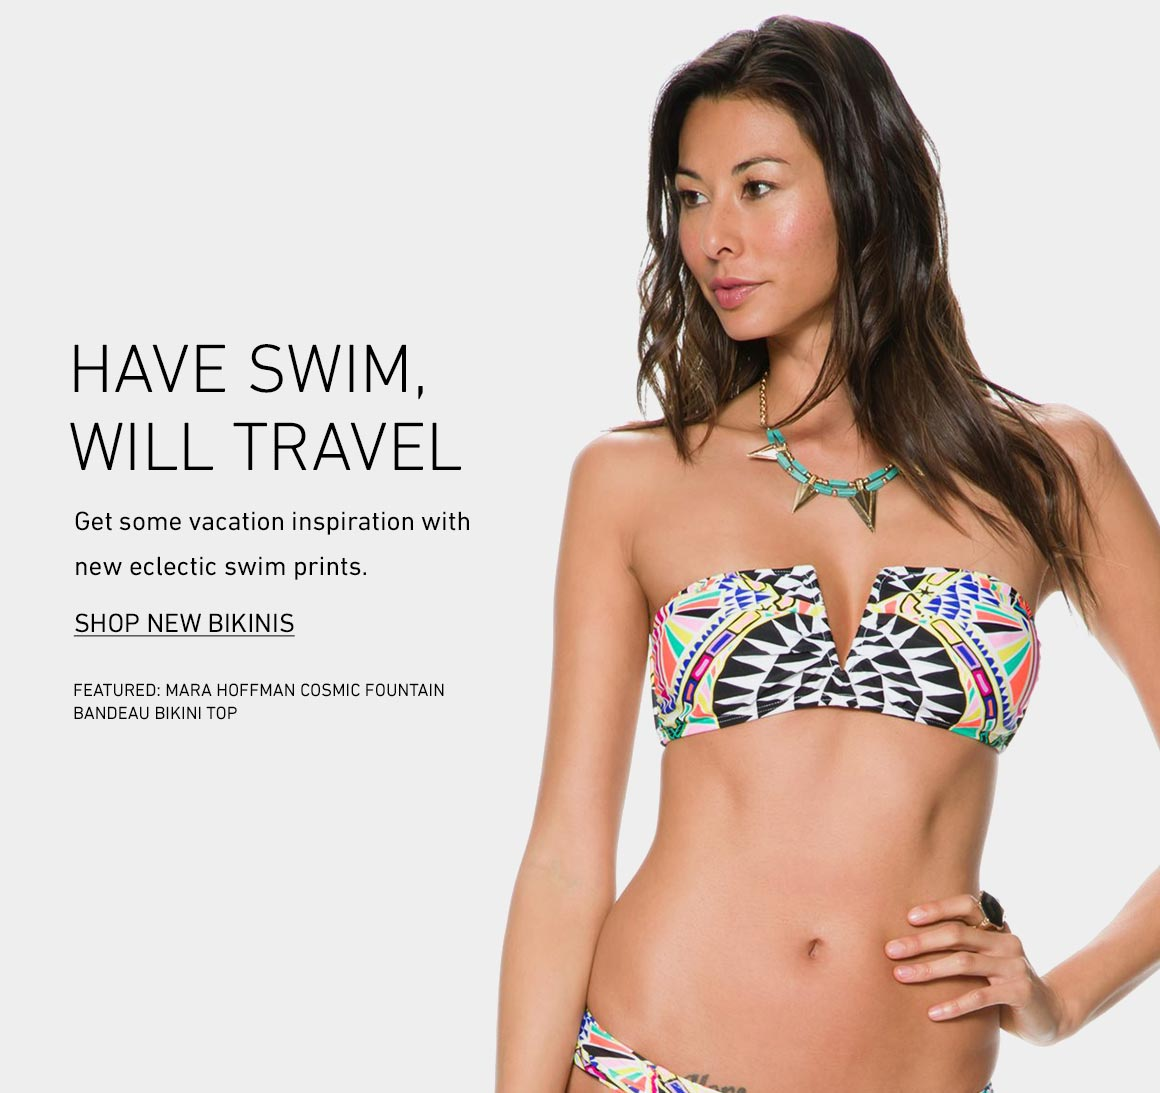 Have Swim, Will Travel: New Bikinis